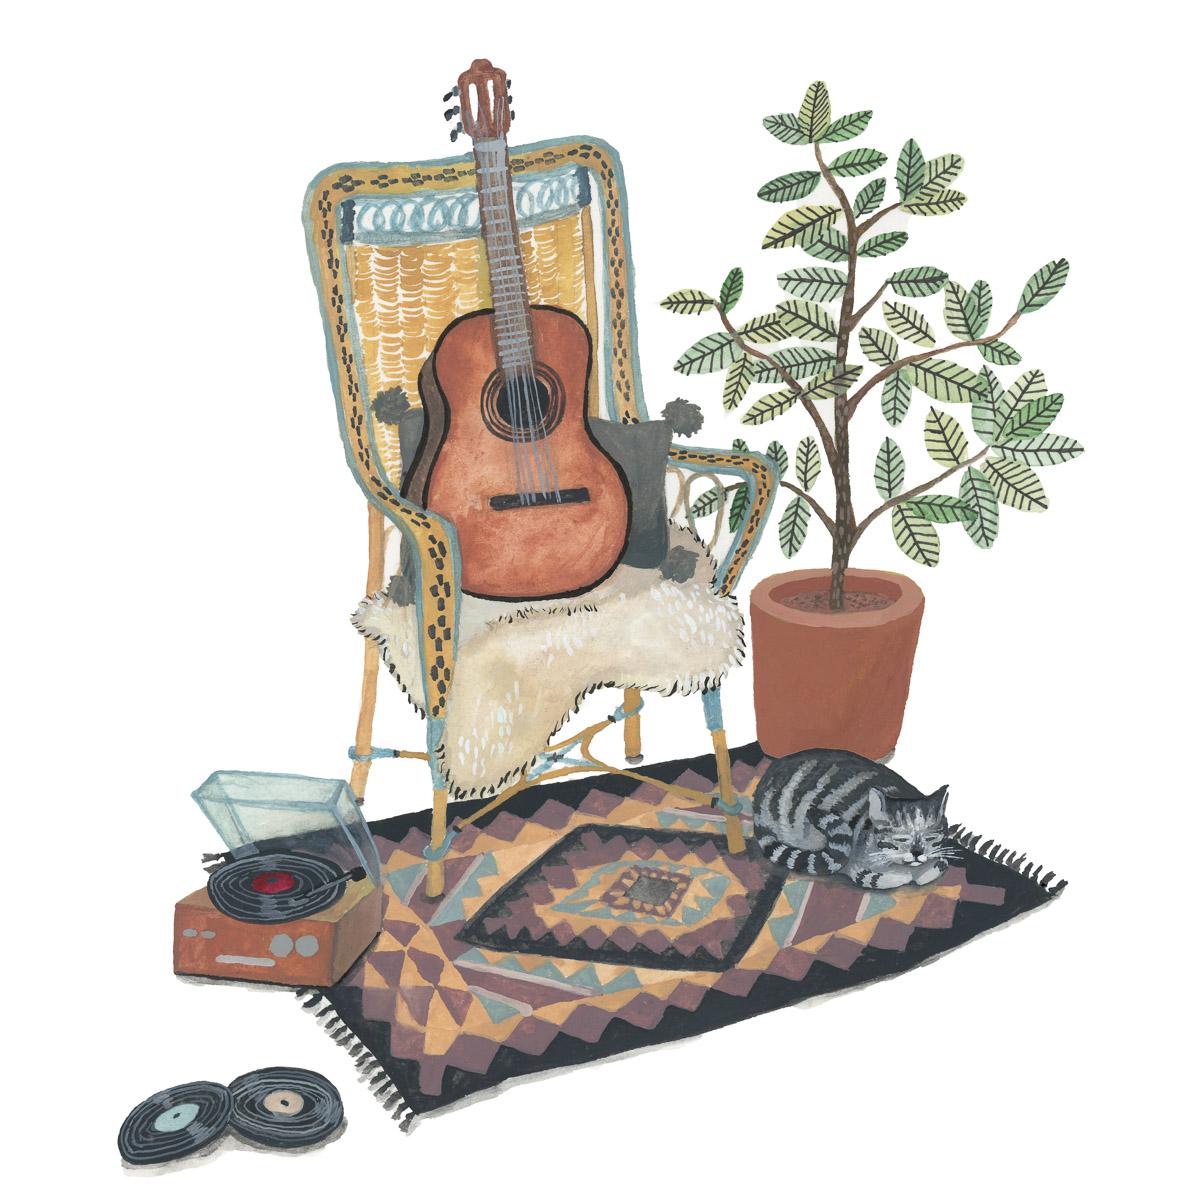 planten-stilleven-plantenillustratie-plantenschilderij-lacabaneenvoyage10.jpg